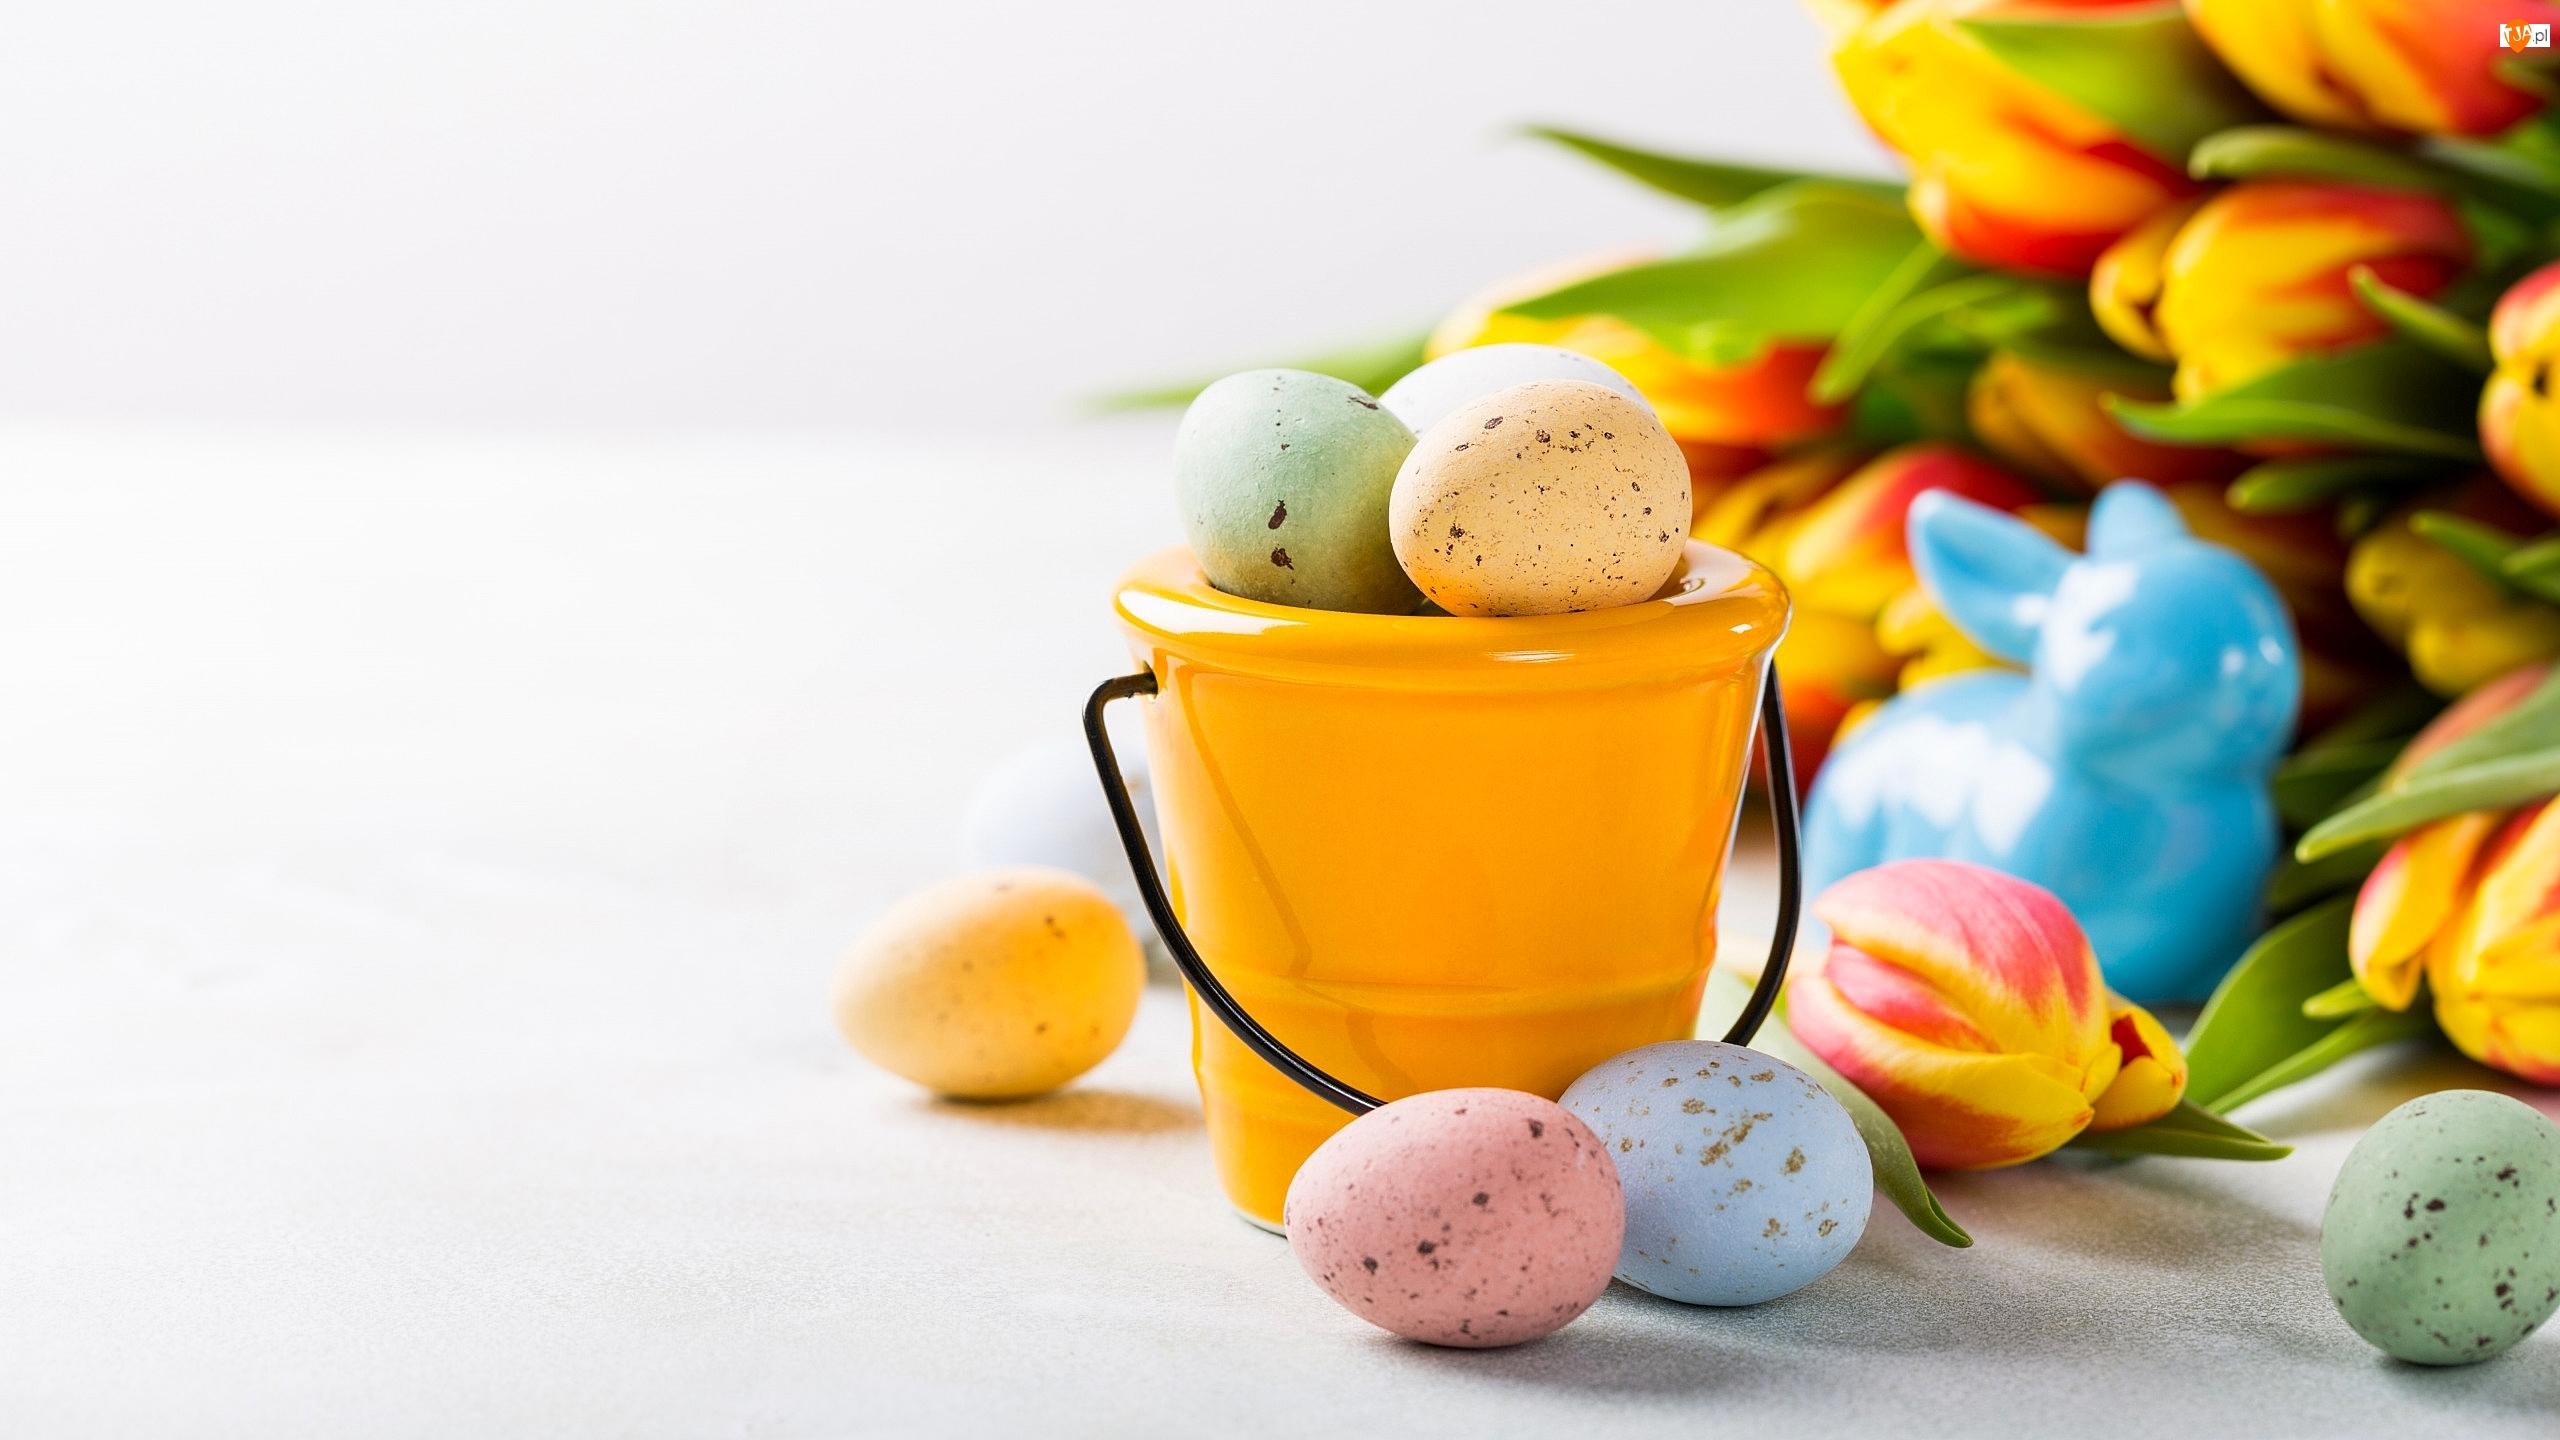 Pisanki, Wielkanoc, Wiaderko, Tulipany, Żółte, Zajączek